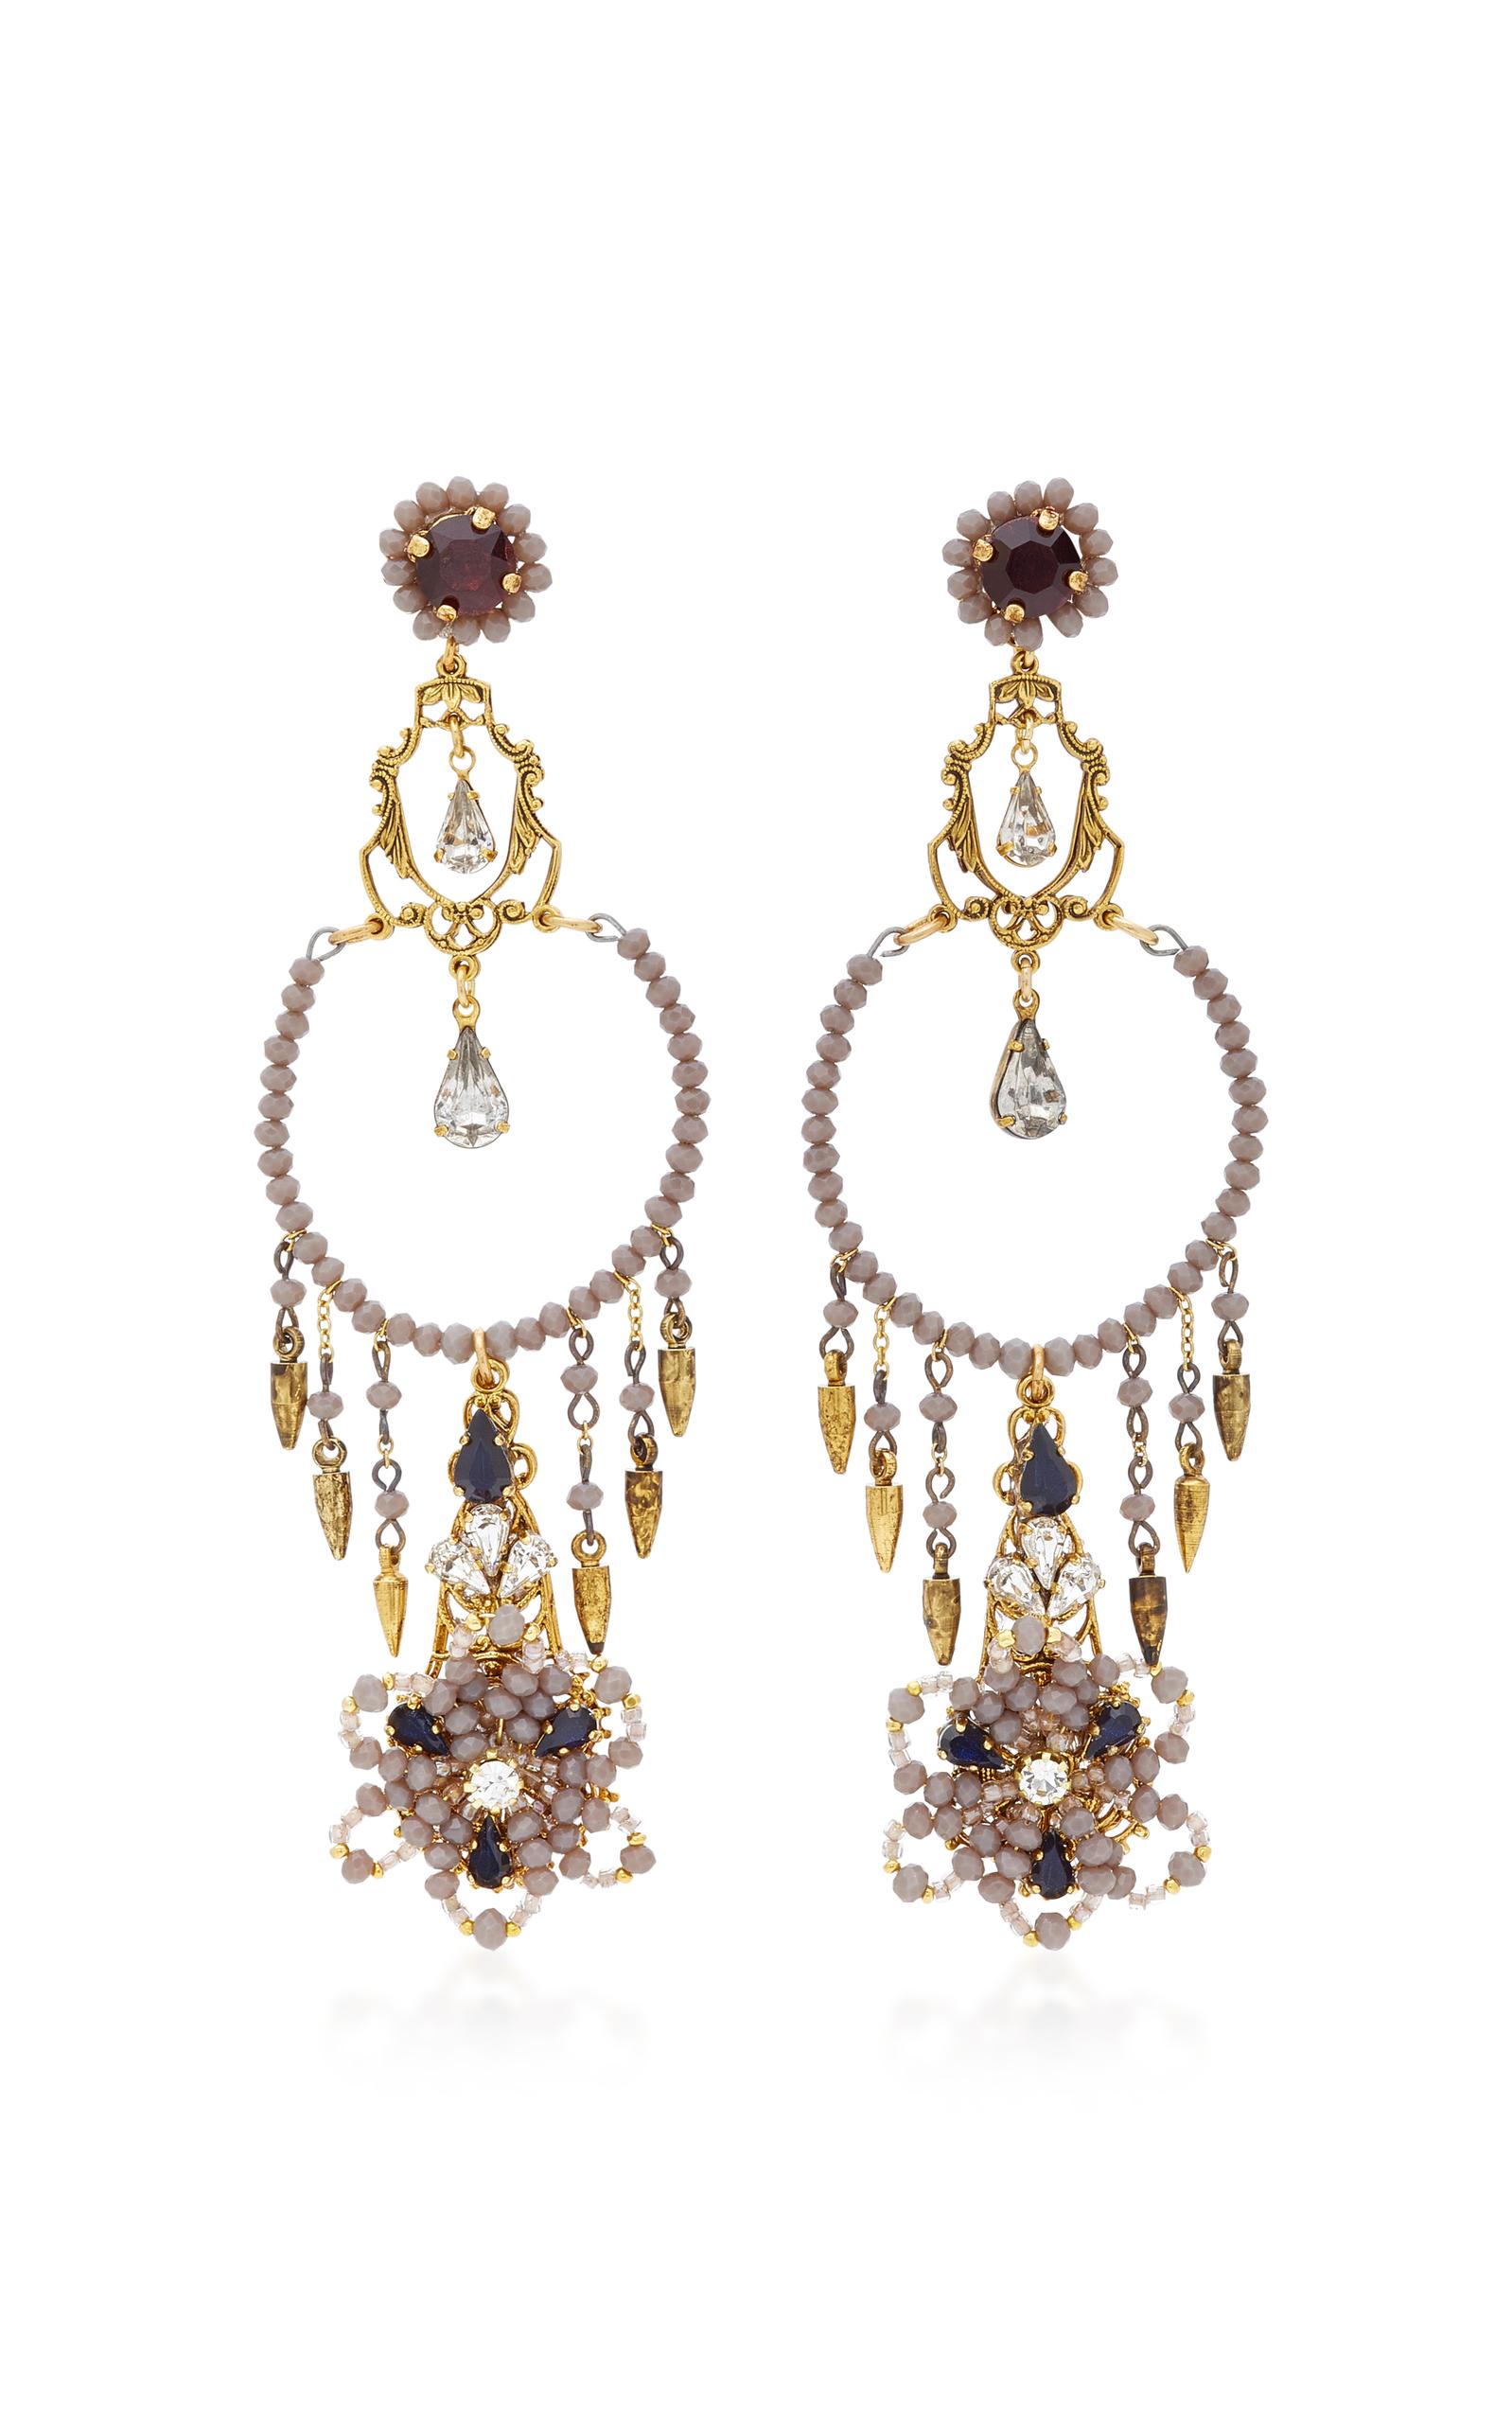 Wild Flower Chandelier Crystal Earrings by Erickson | Moda Operandi